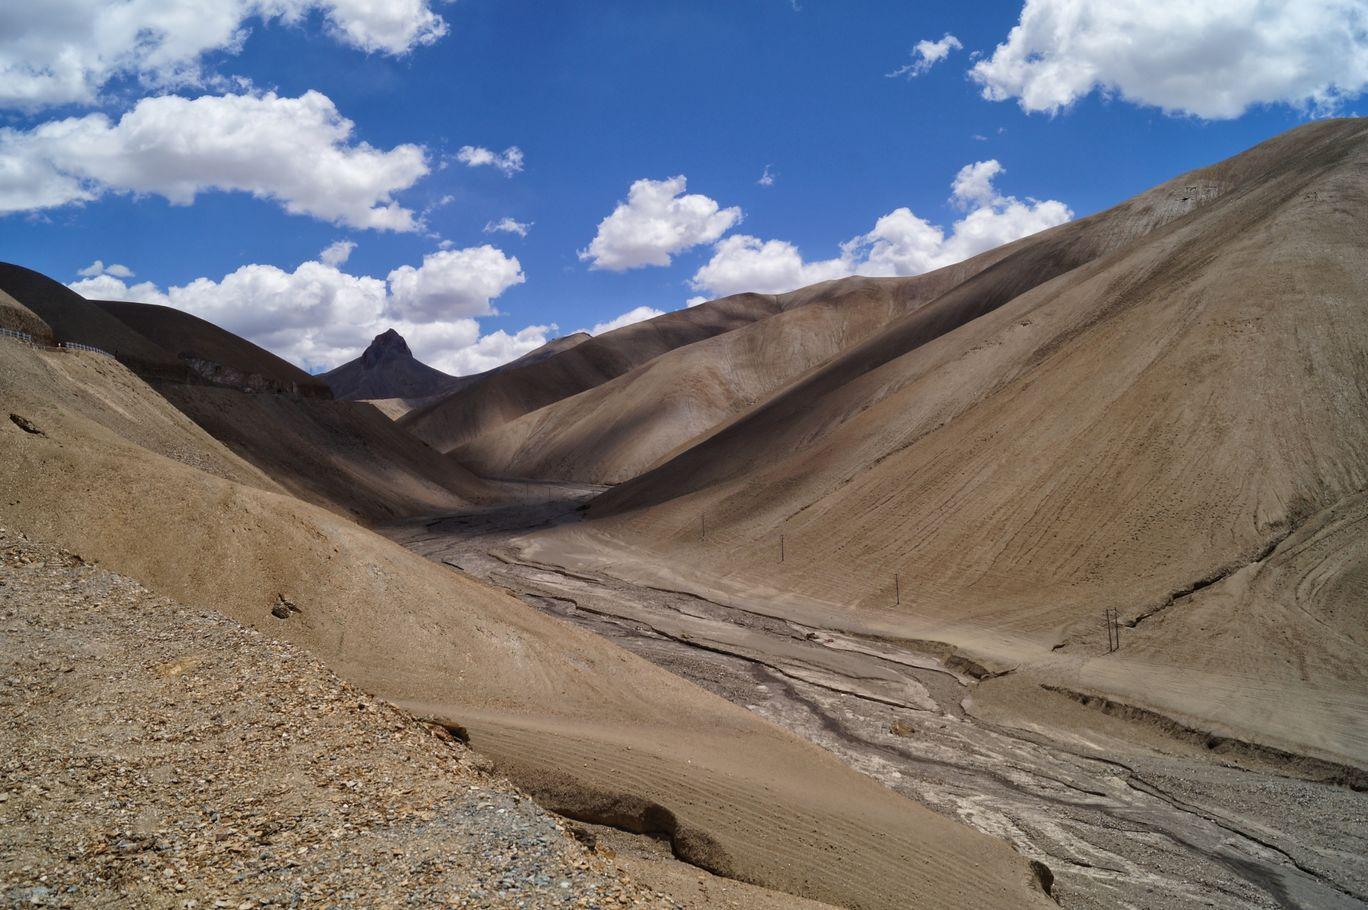 Photo of Ladakh By Prajay Katkoria